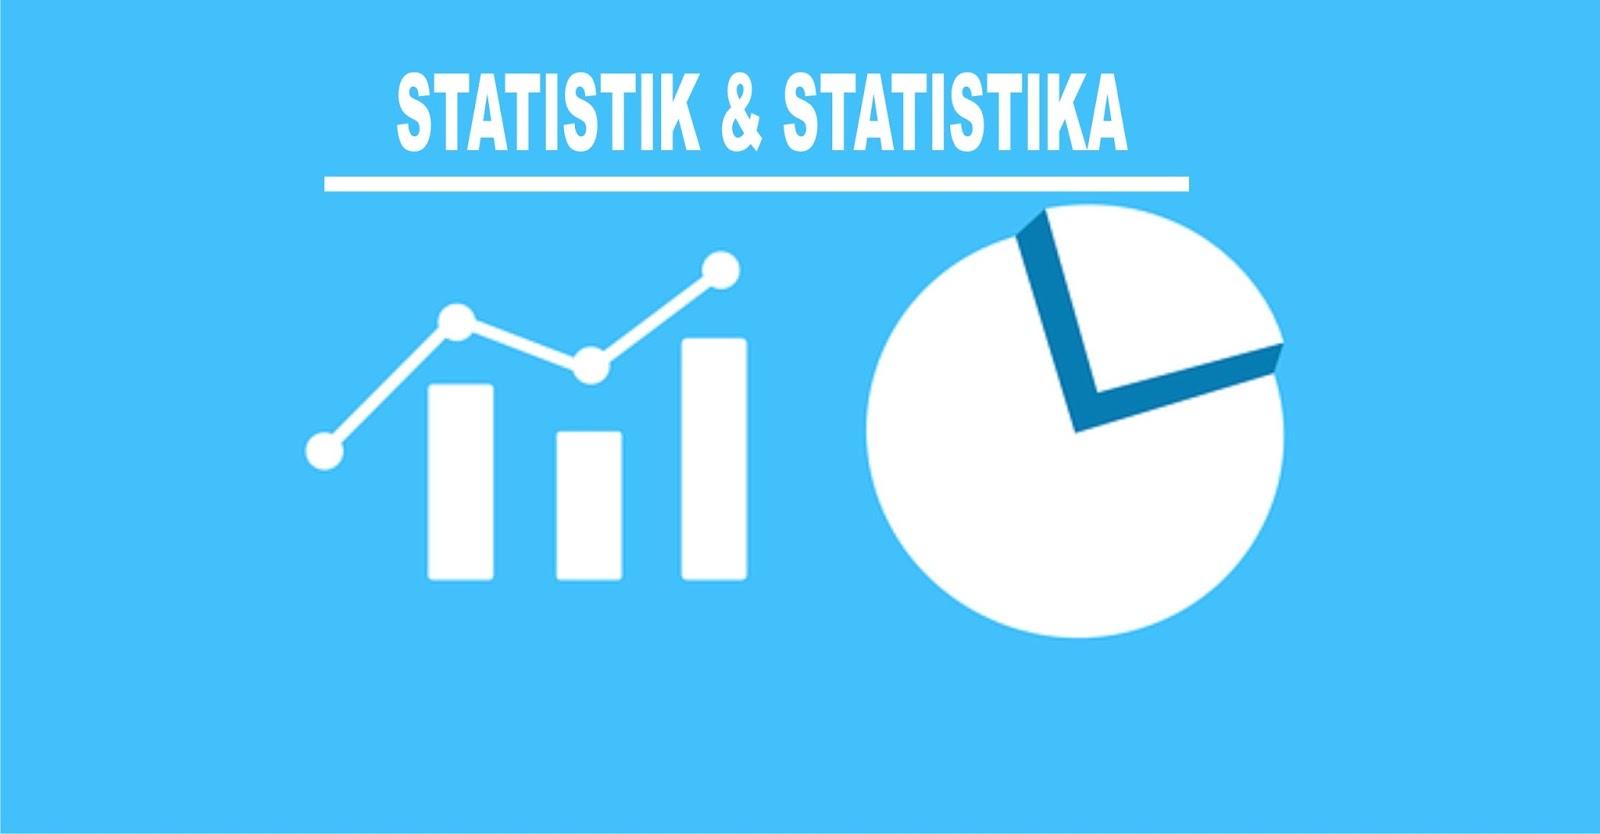 Macam macam statistik yang digunakan dalam penelitian statistika macam macam statistik yang digunakan dalam penelitian ccuart Gallery